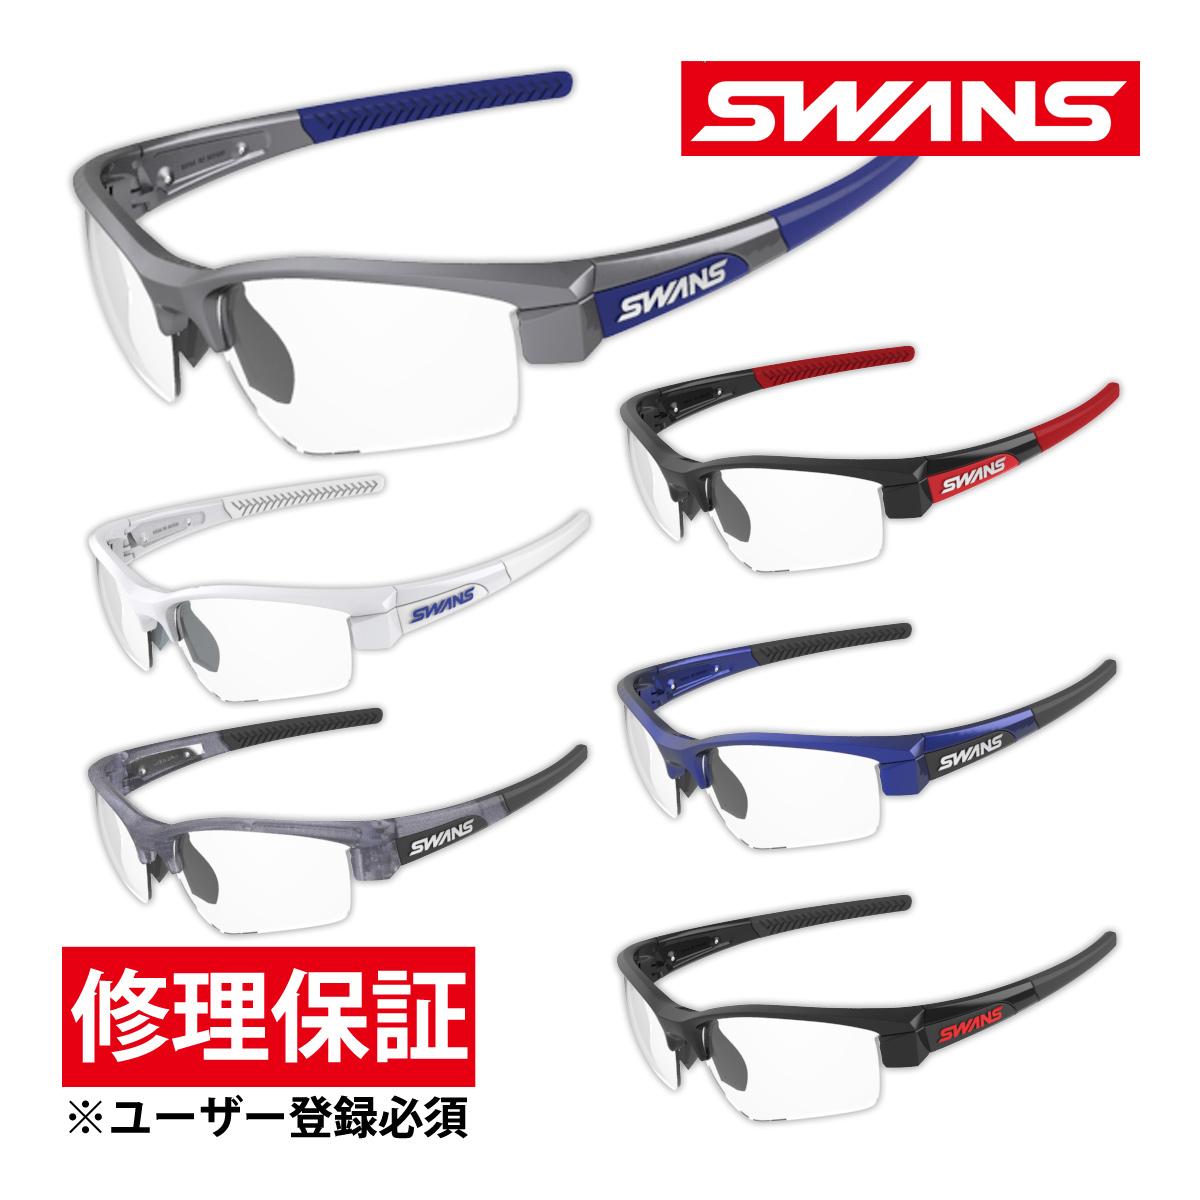 サングラス 調光 スポーツ メンズ レディース LION SIN フレーム+レンズセット L-LI SIN-0066 CSK UVカット ロードバイク 自転車 登山 おすすめ 人気 SWANS スワンズ